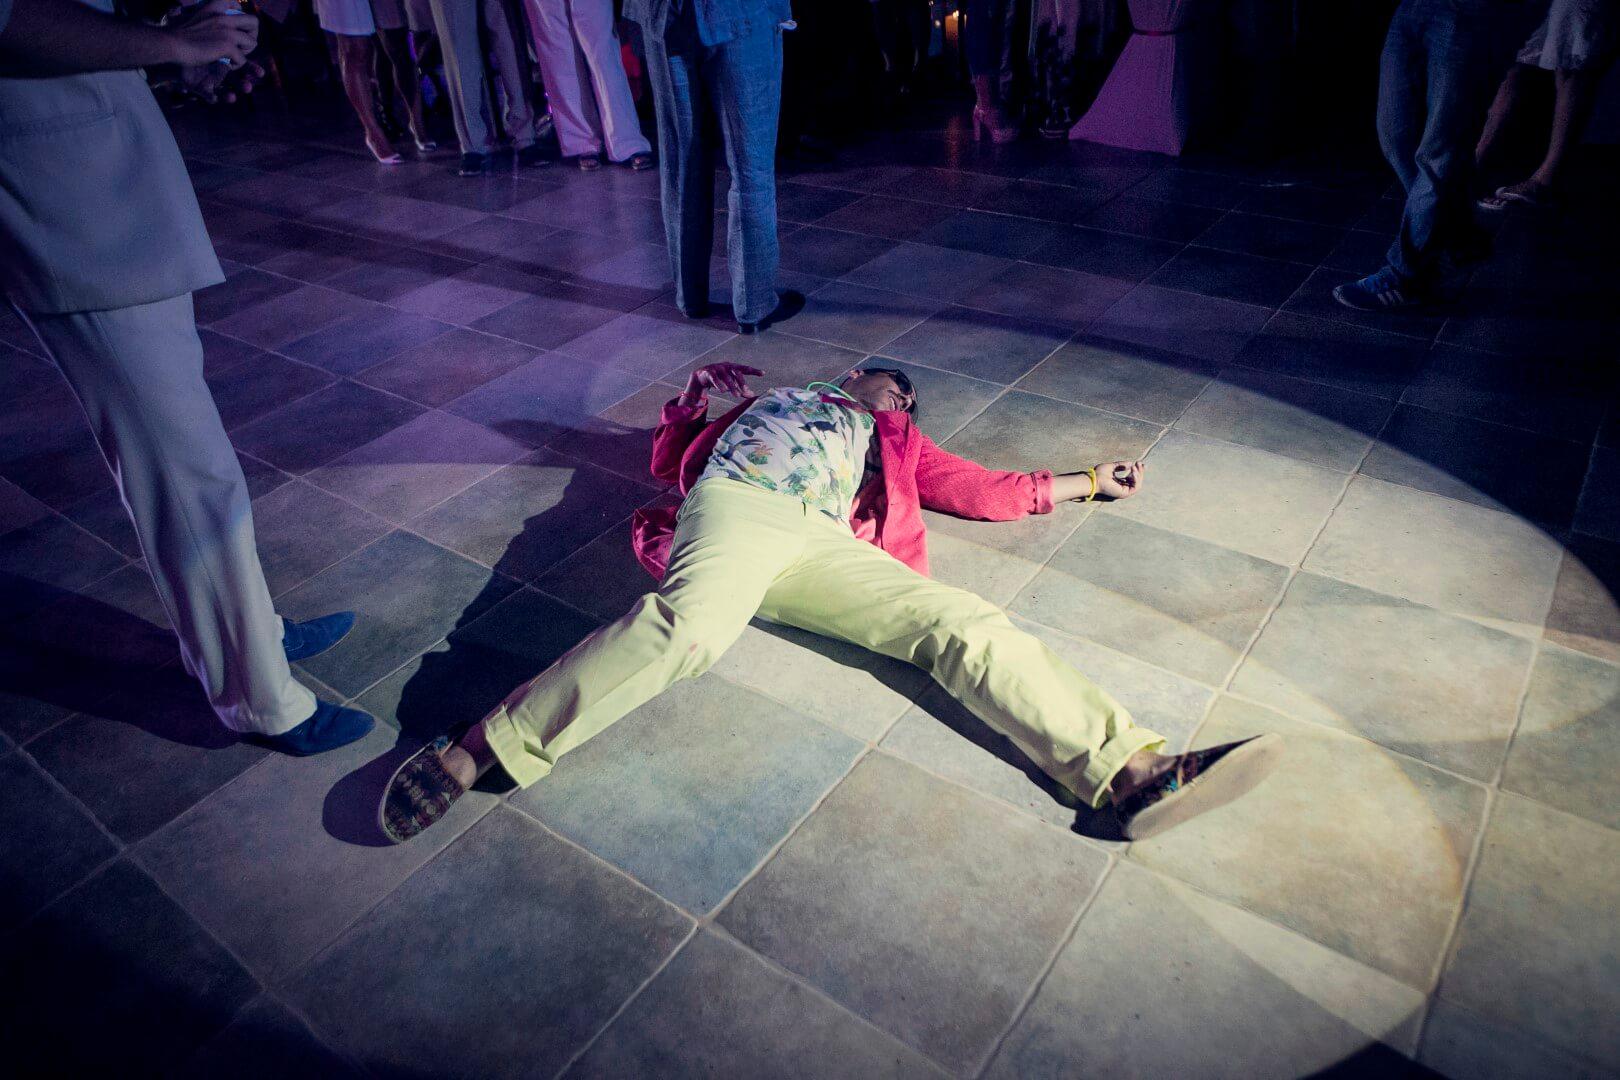 Miami Vice party event